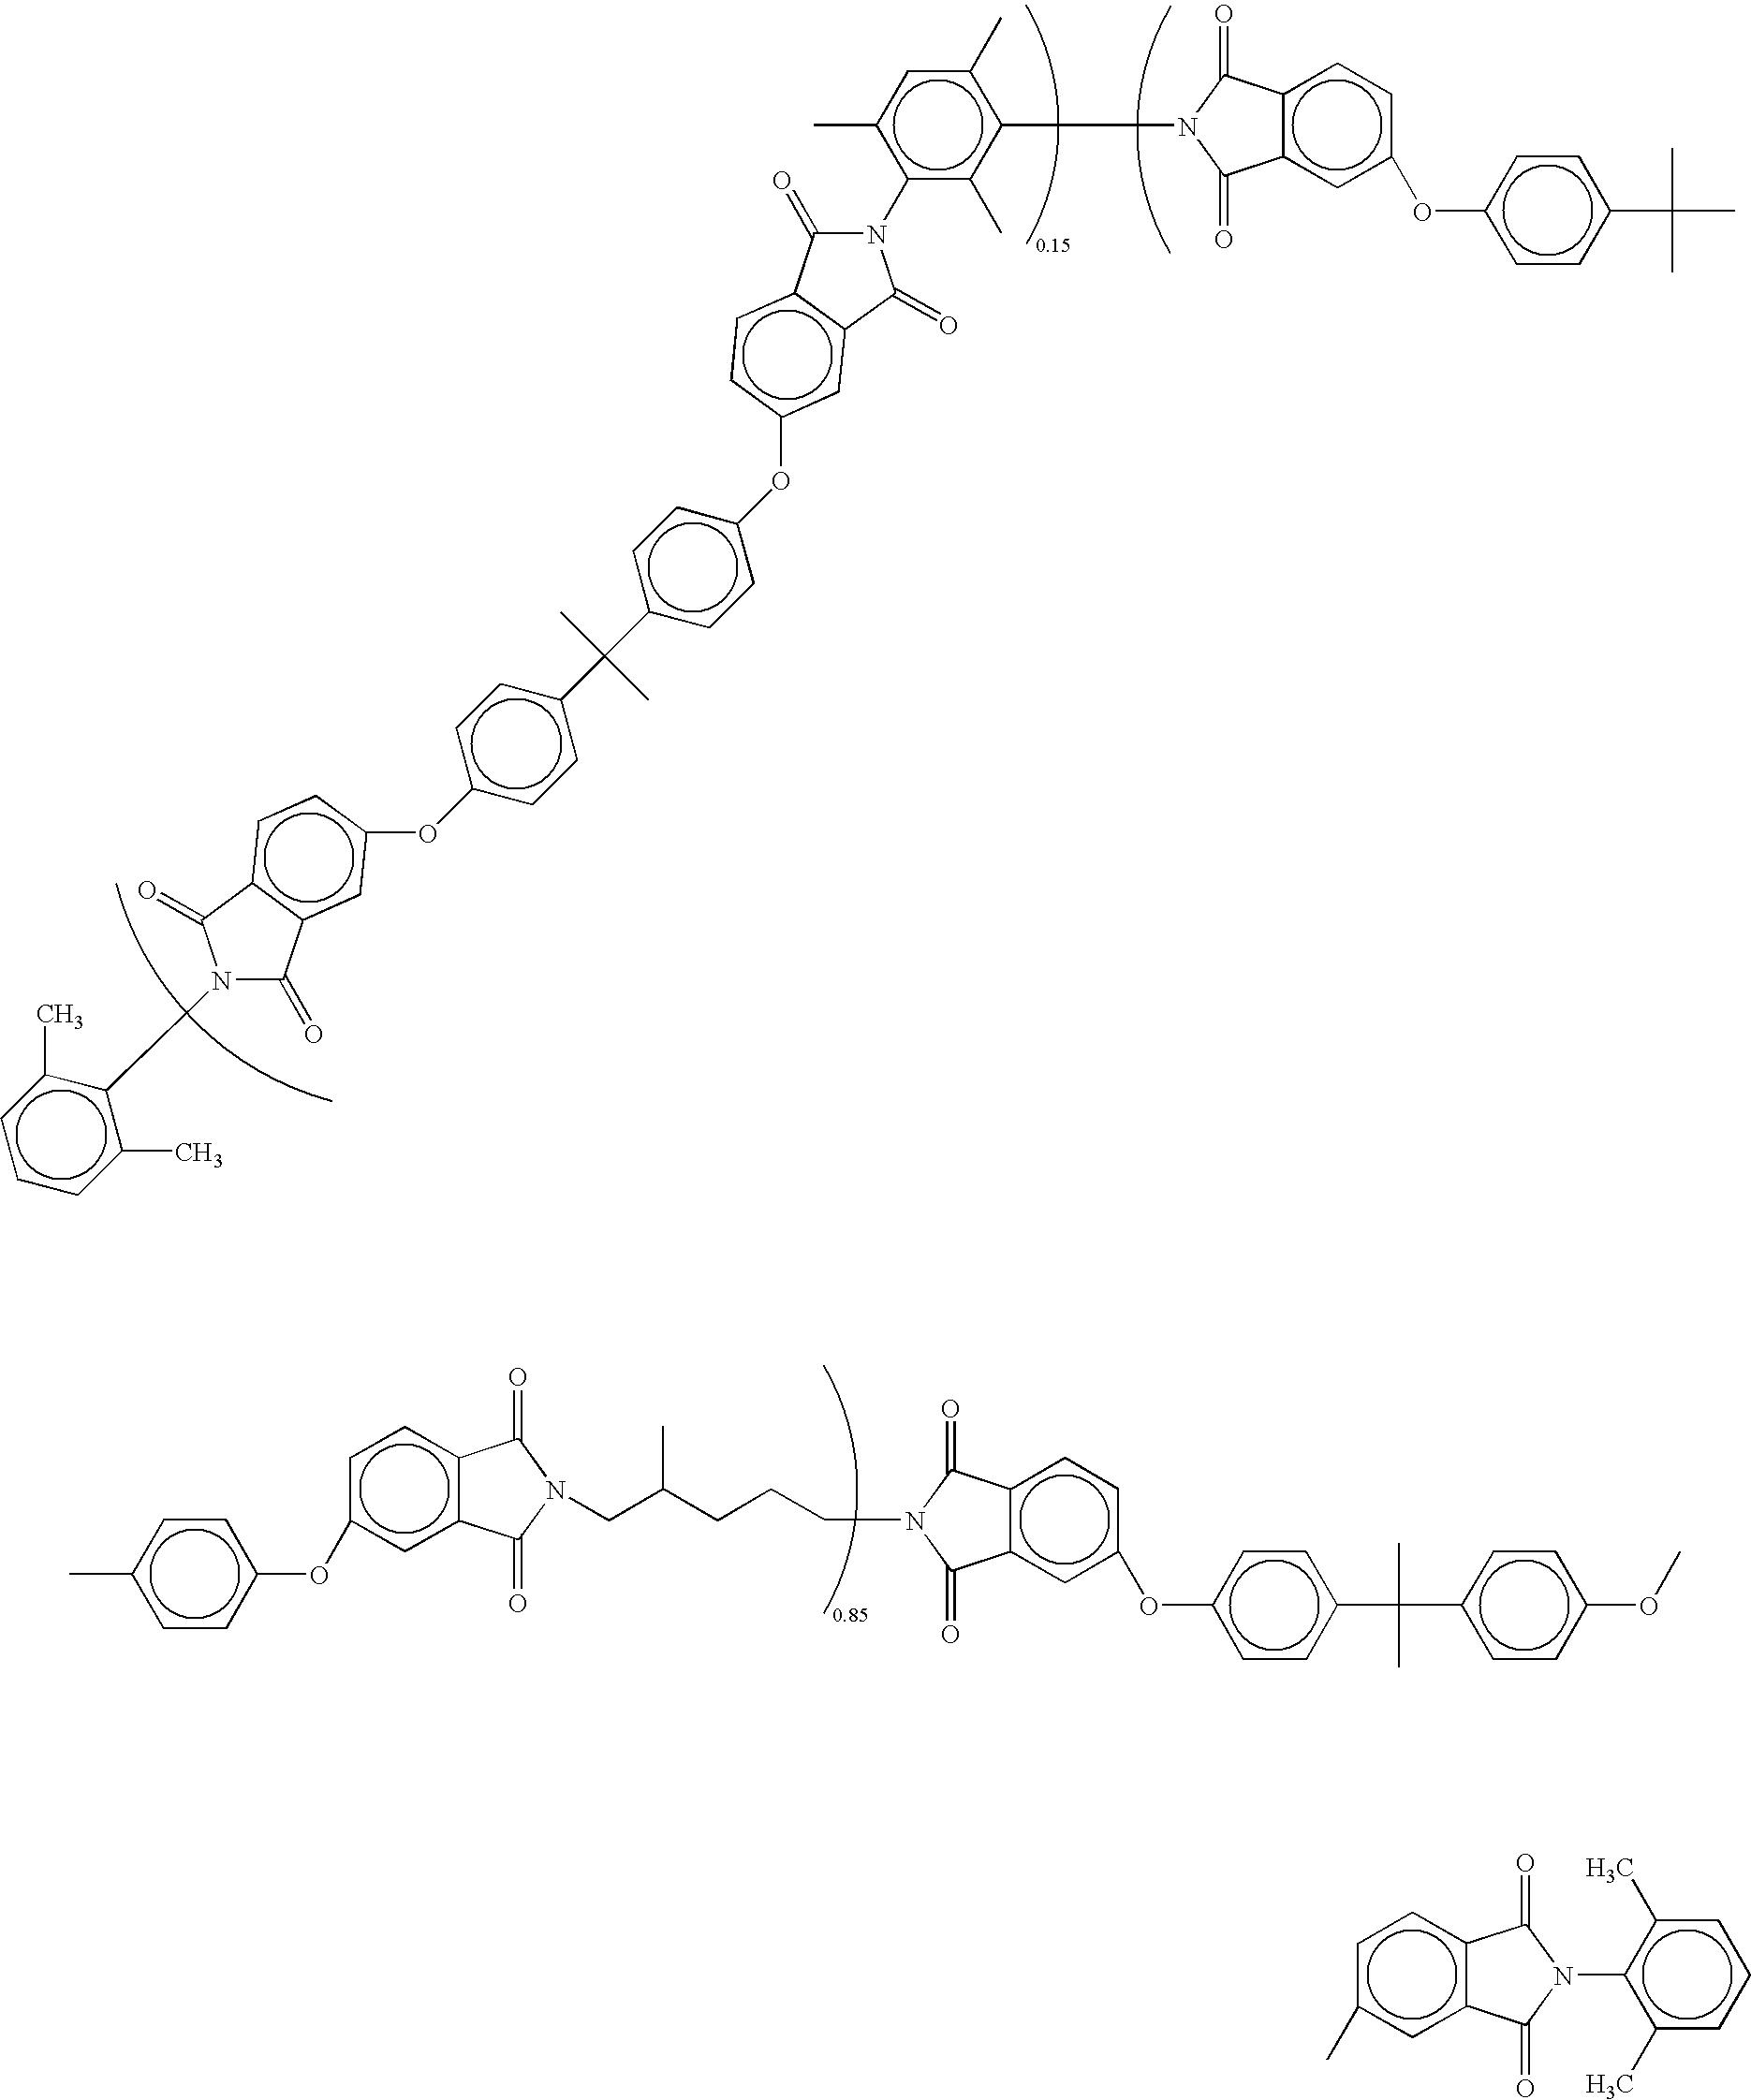 Figure US20090038750A1-20090212-C00026